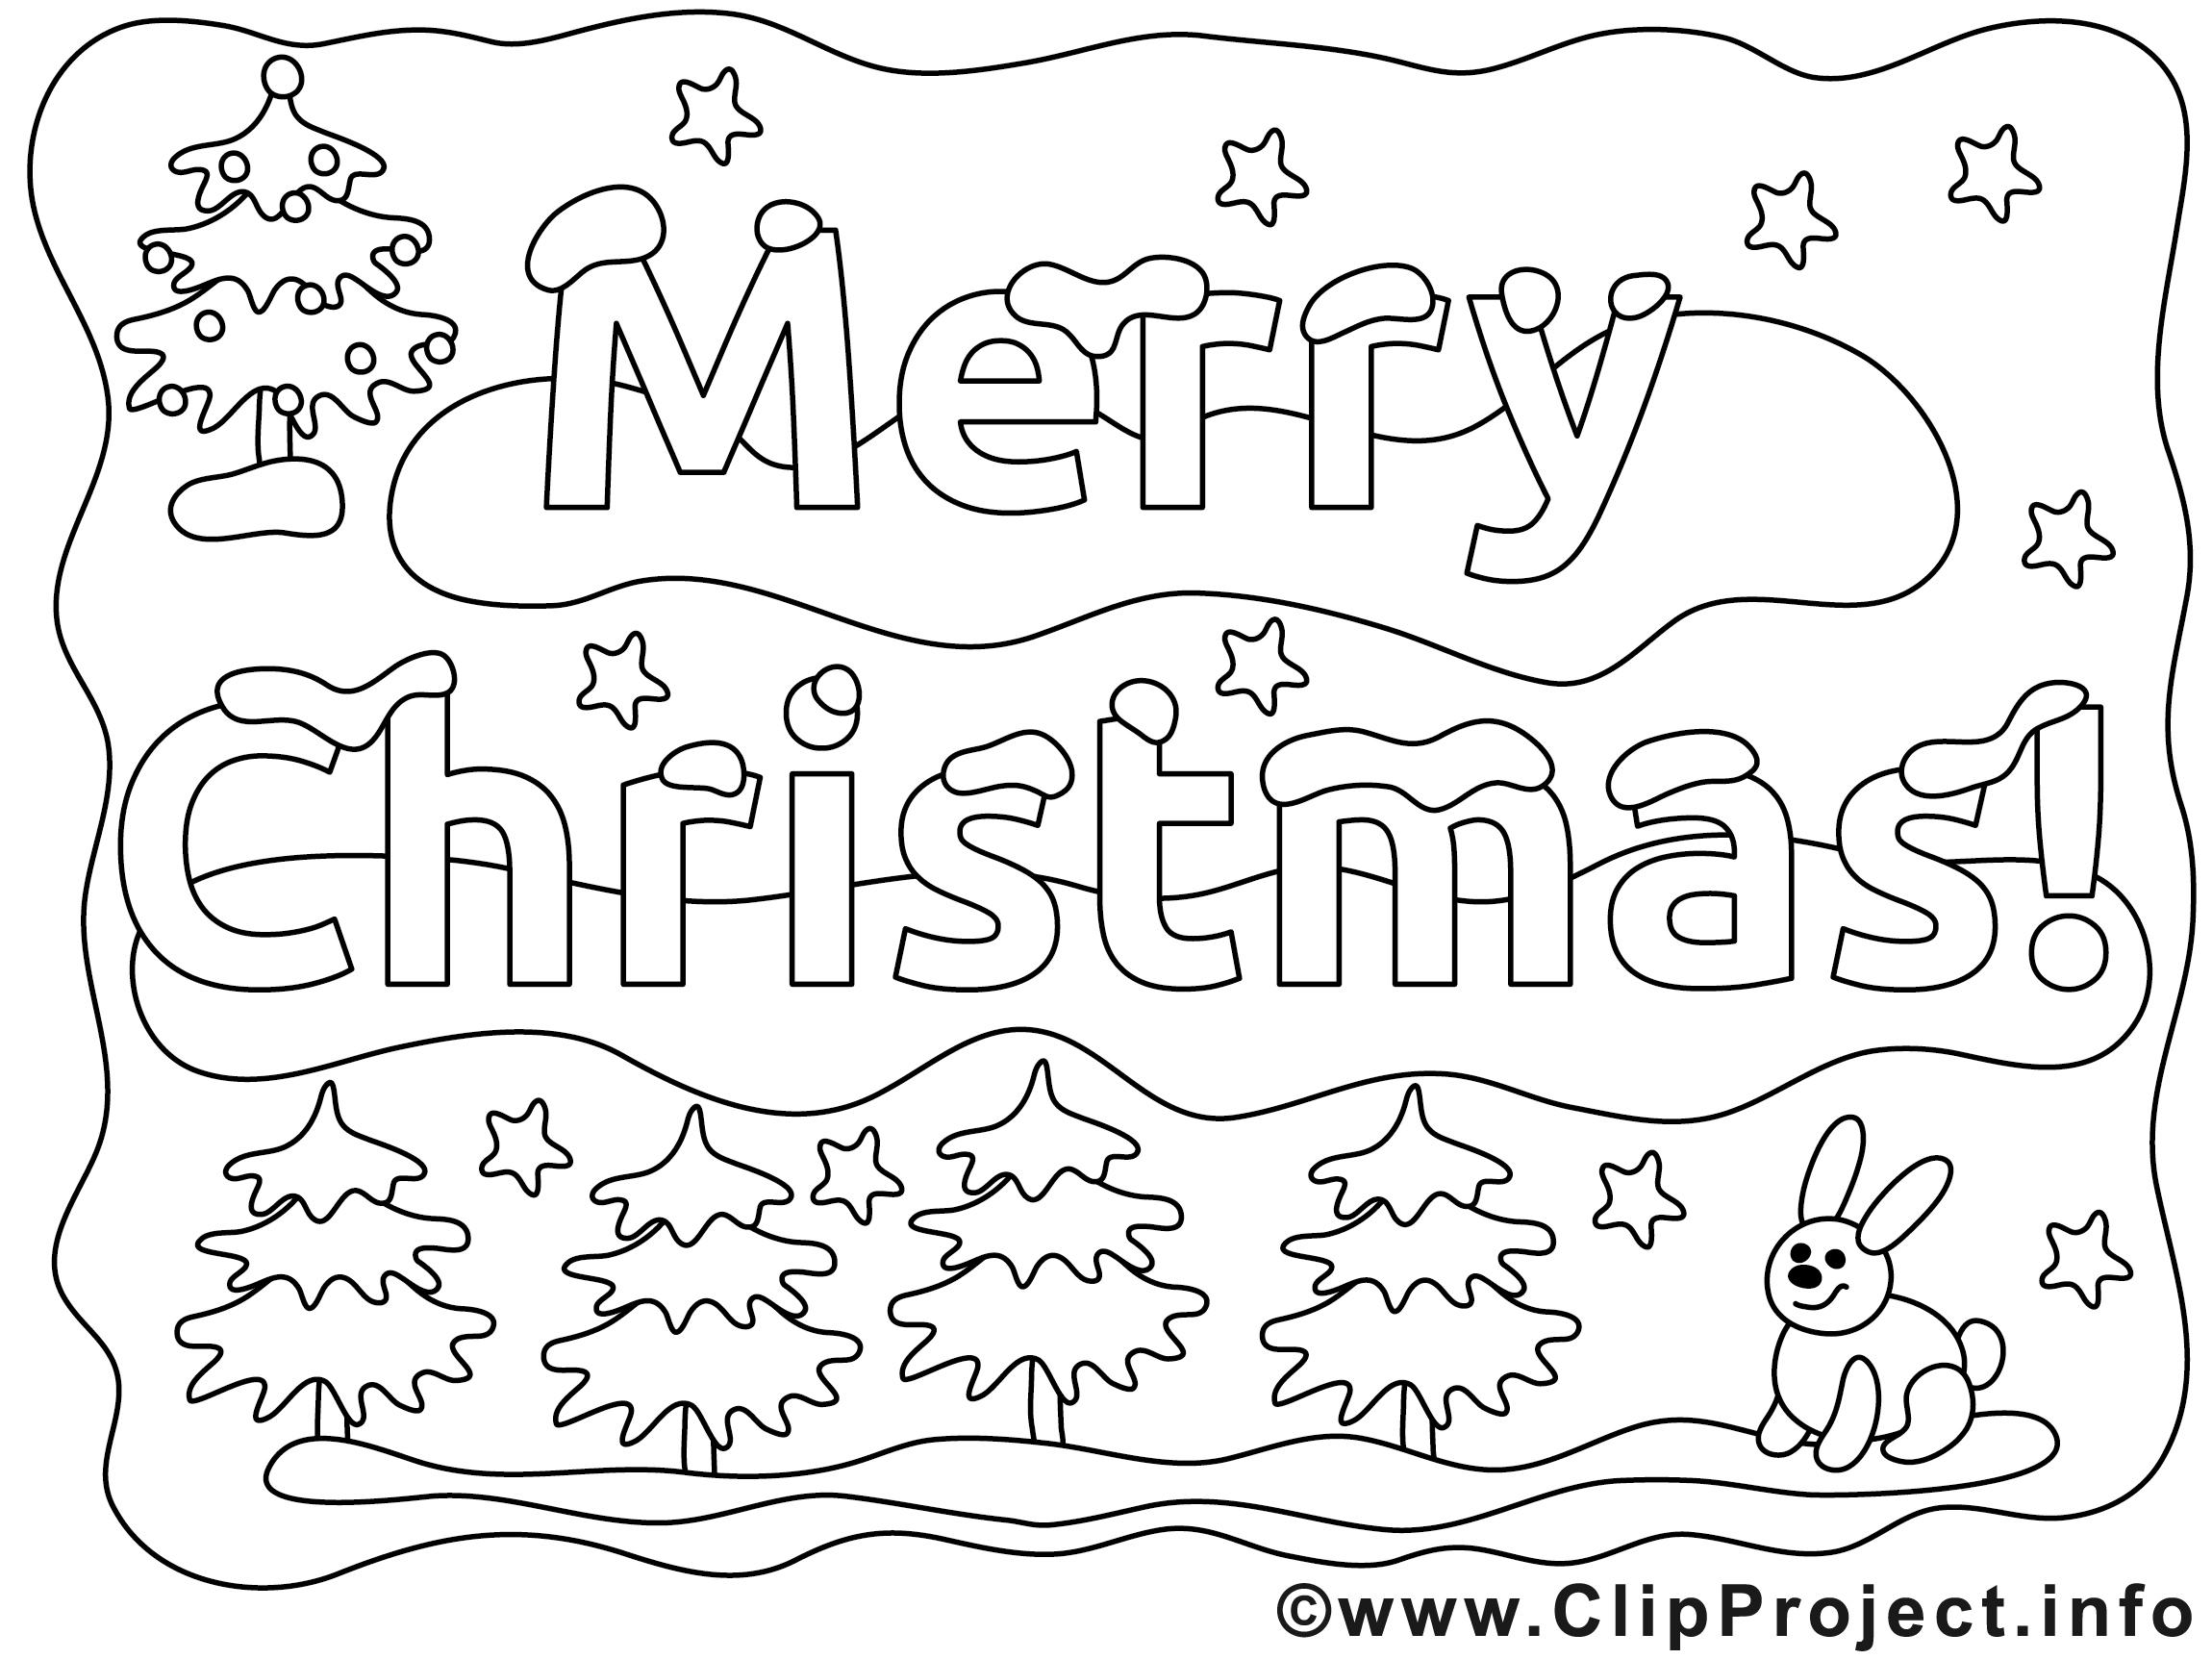 Ausmalbilder Weihnachten - Malvorlagen Für Kinder über Ausmalbilder Zu Weihnachten